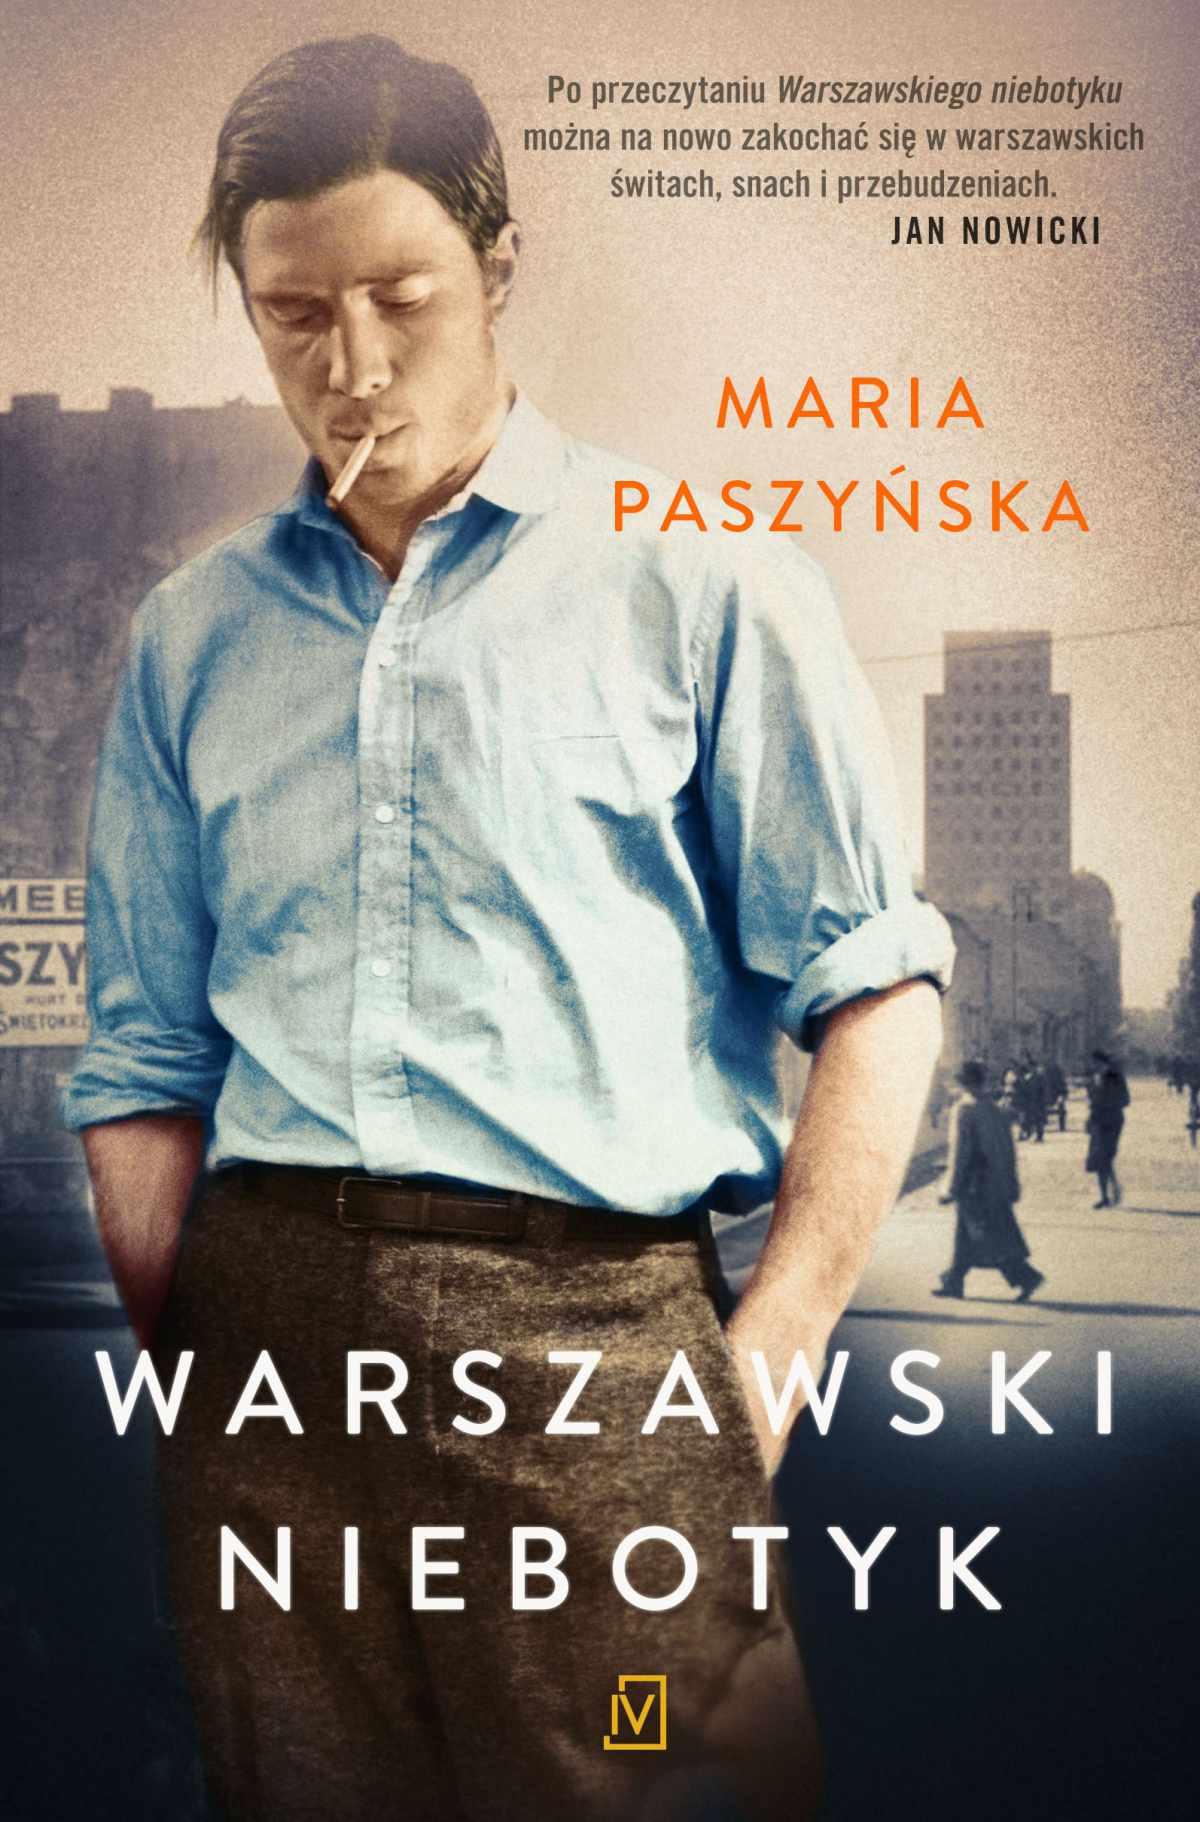 Warszawski niebotyk - Ebook (Książka EPUB) do pobrania w formacie EPUB